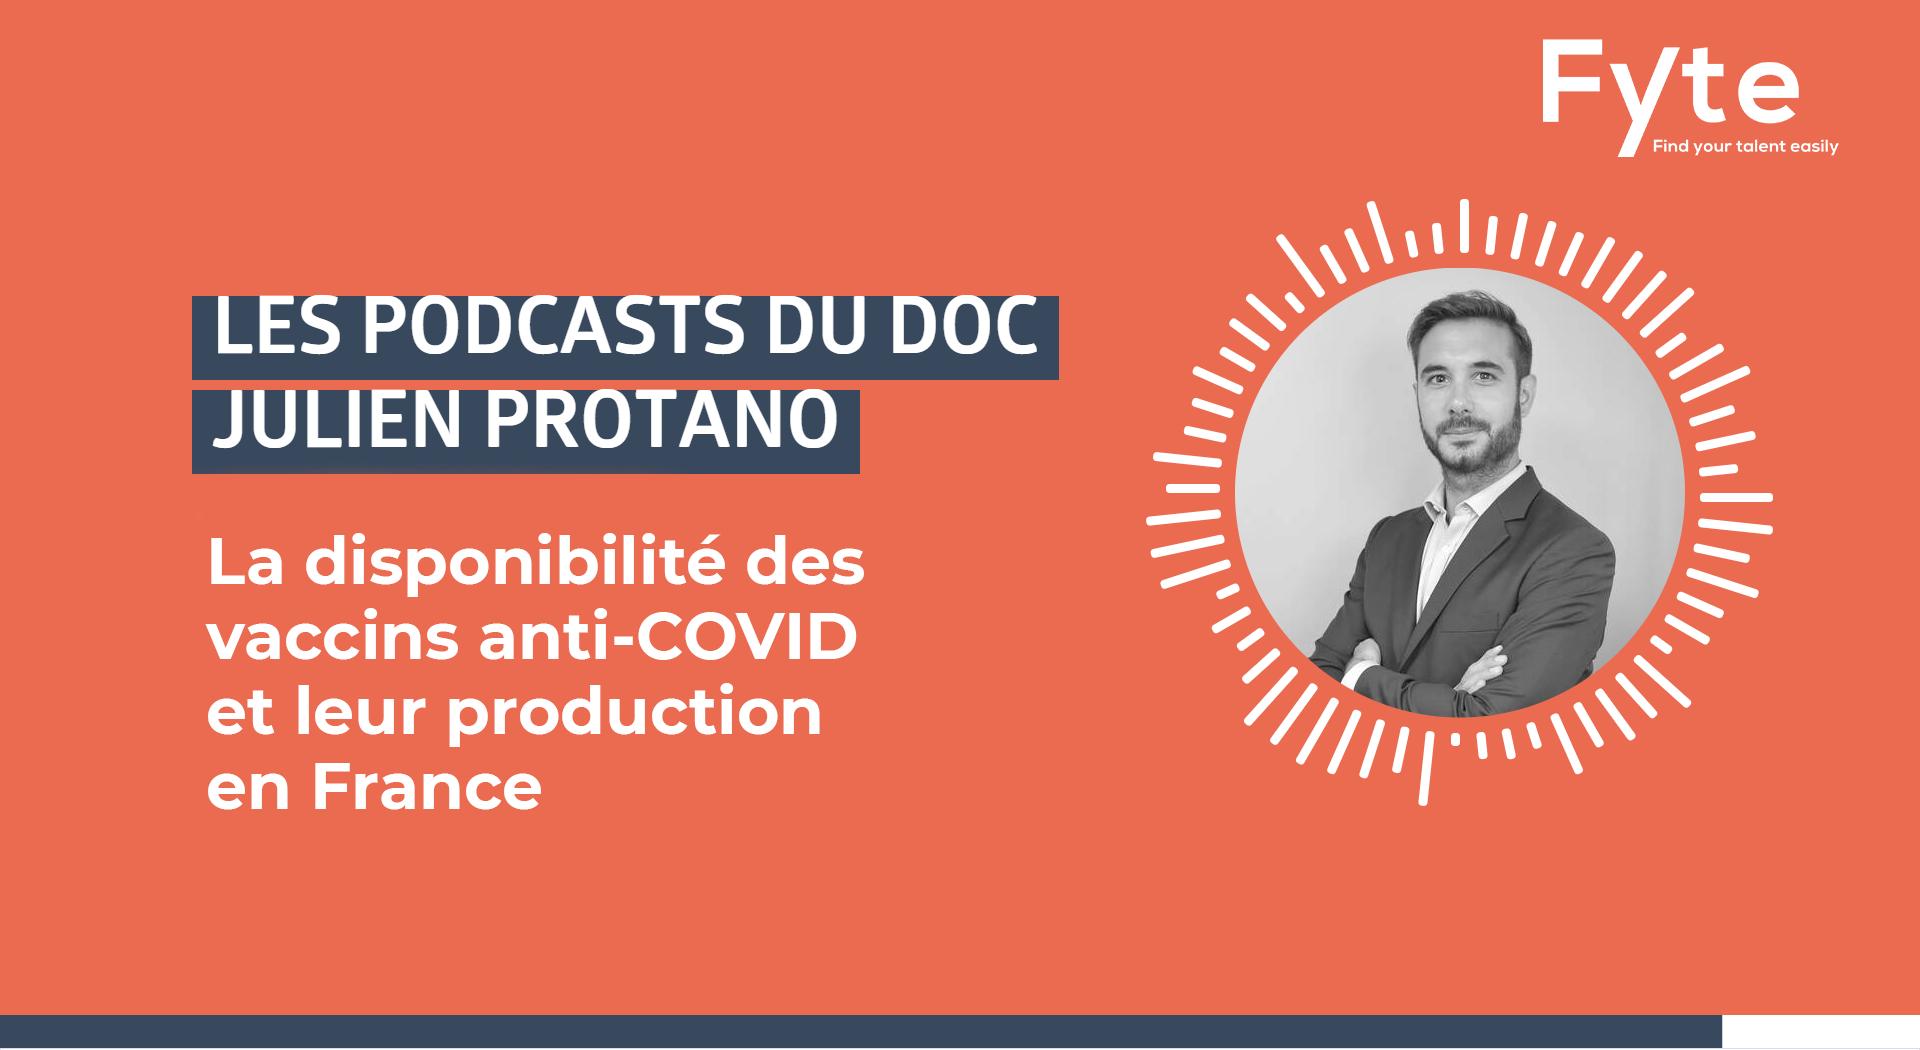 podcast-du-doc-5